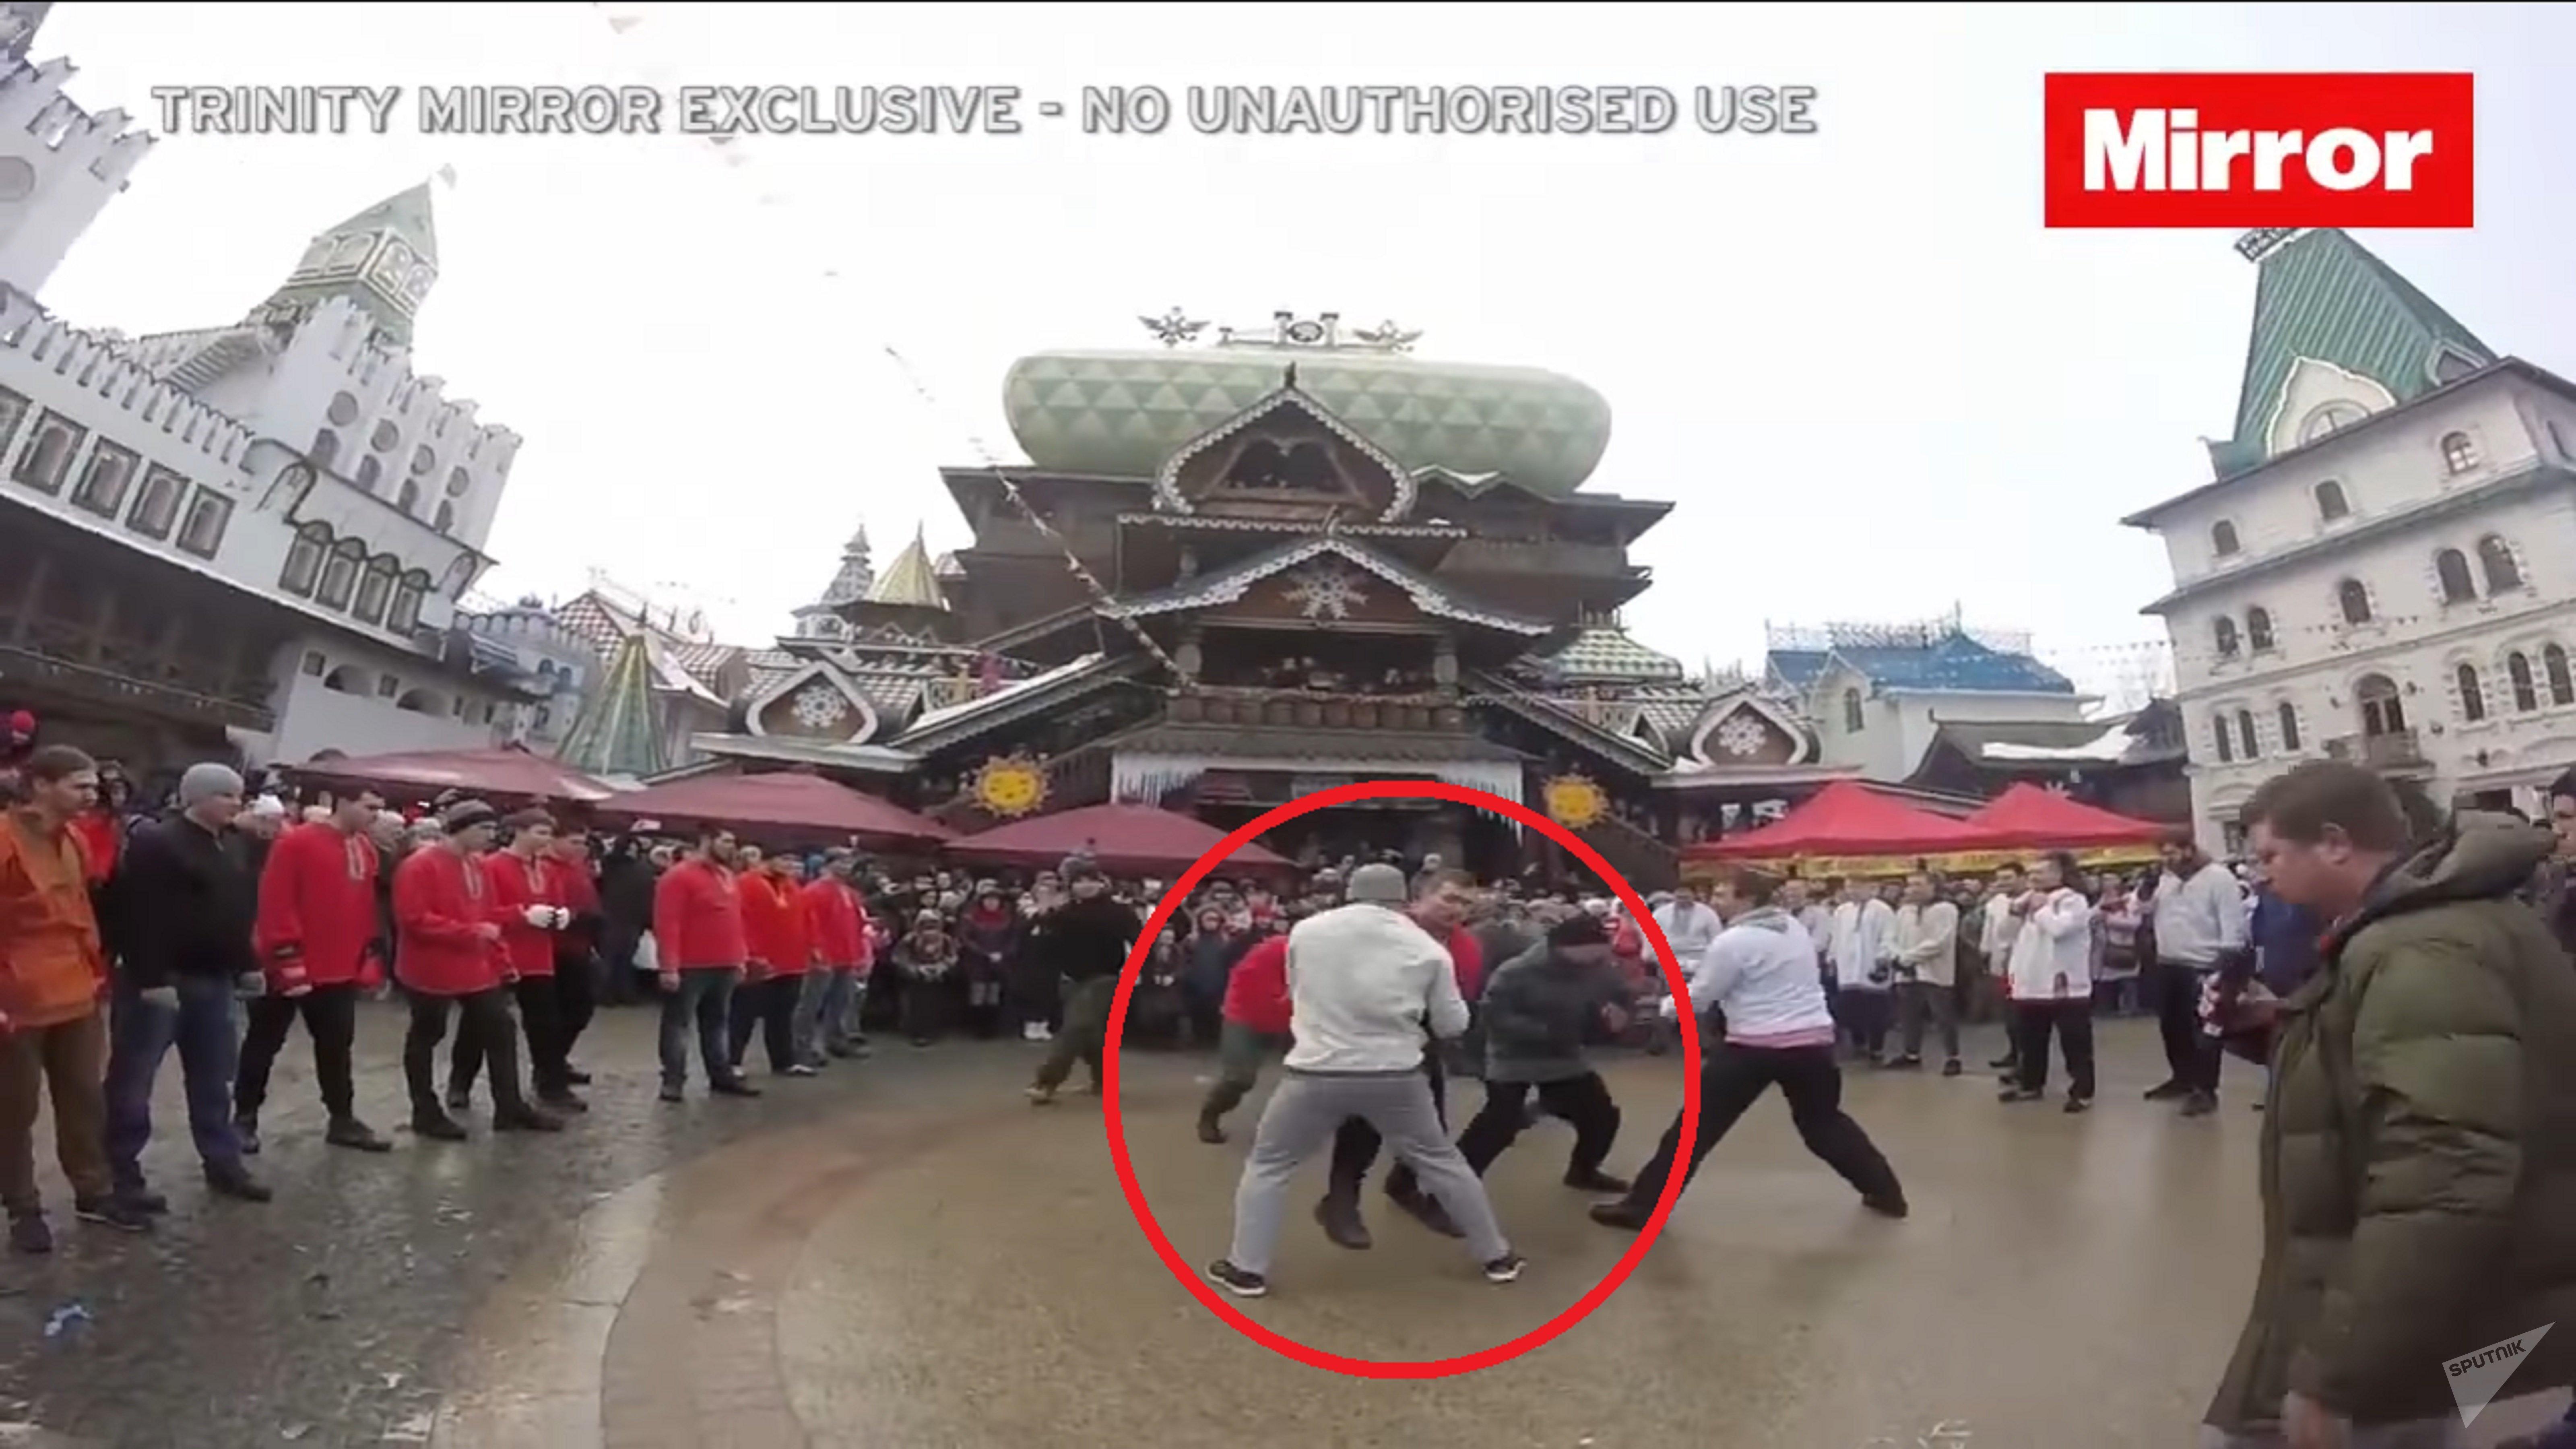 Dans sa vidéo, le Mirror montre ce hooligan vêtu en bonnet gris qui bat impitoyablement ces adversaires...